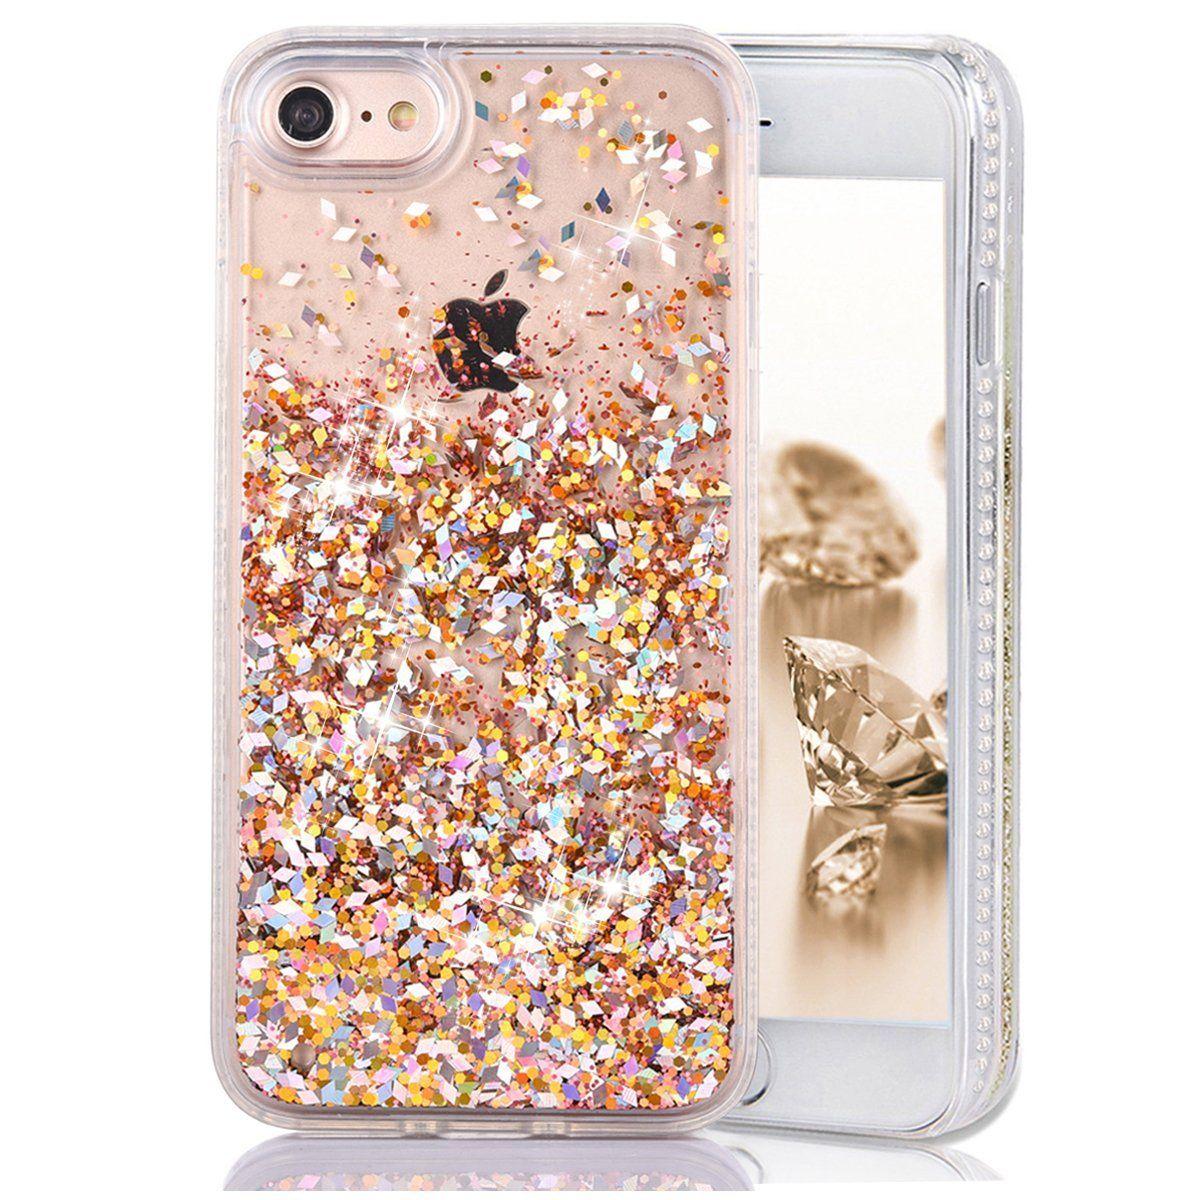 iphone 7 case crazy panda iphone 7 soft bumper case 3d creative